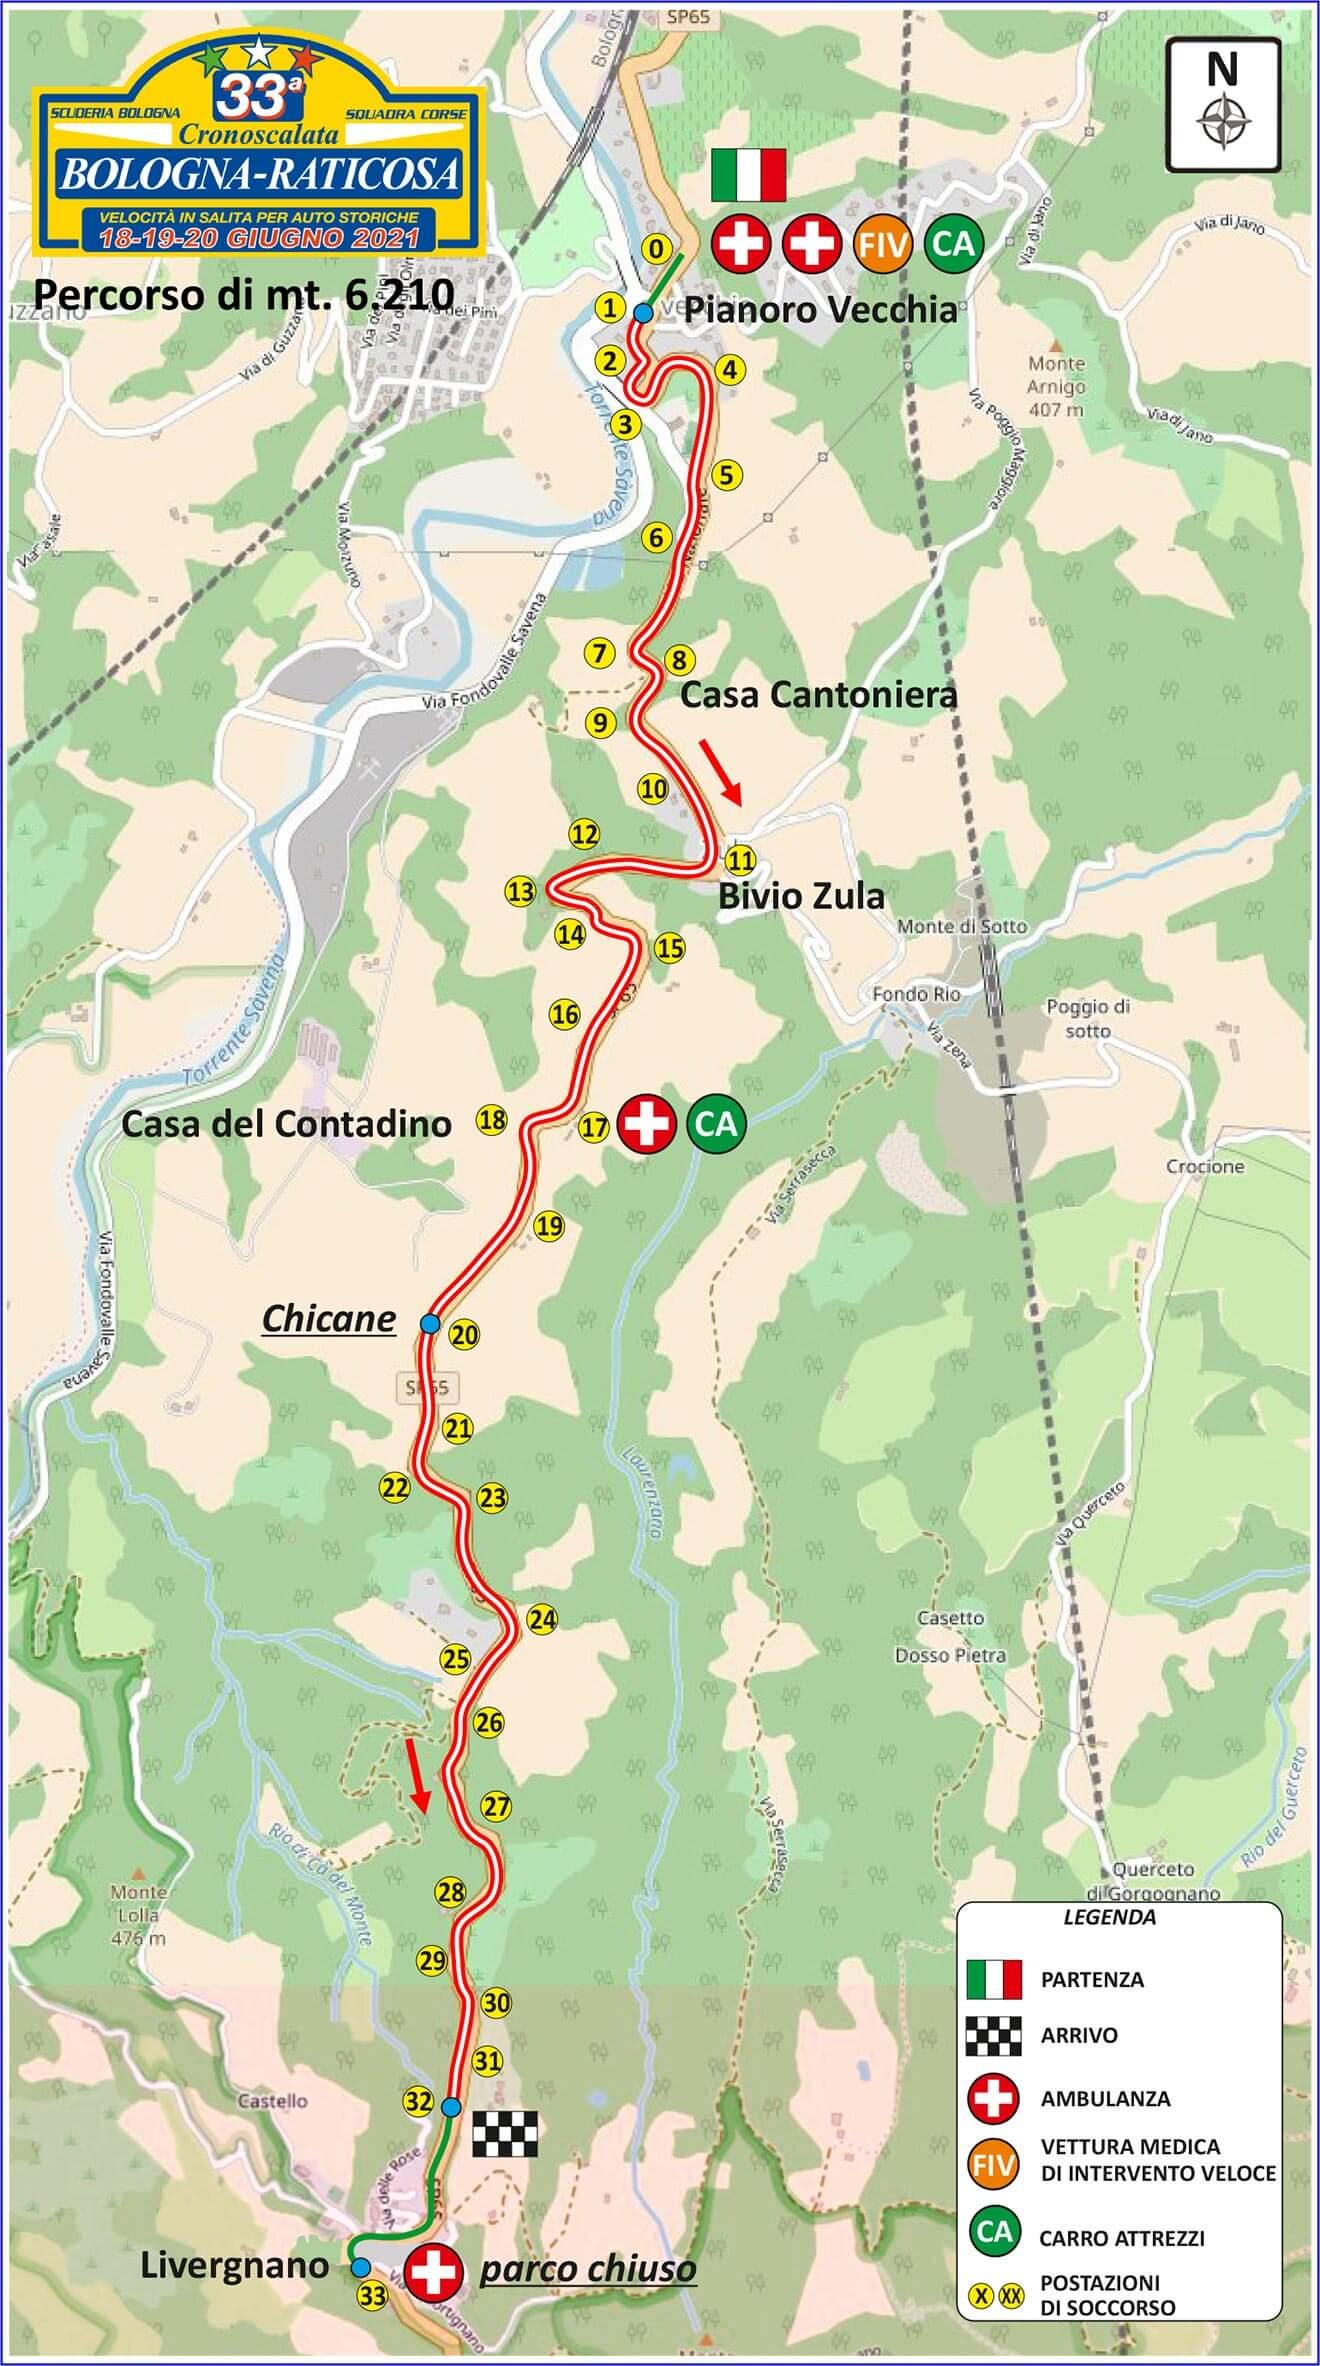 Mappa percorso 33a Bologna Raticosa 2021